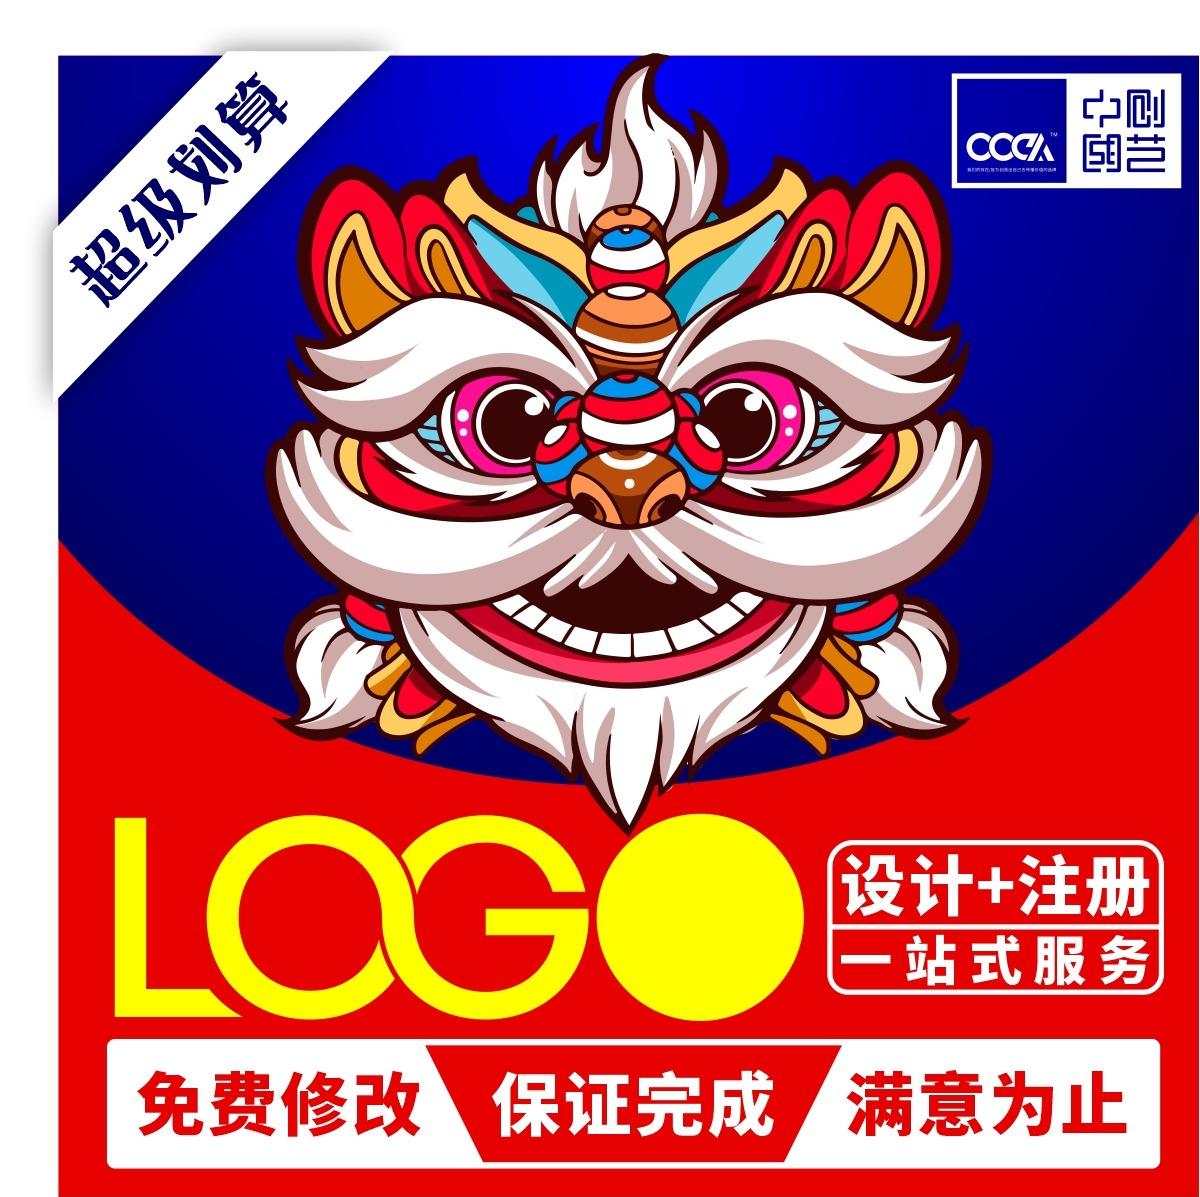 【企业版】原创LOGO设计总监和创意小组进行设计可注册包满意